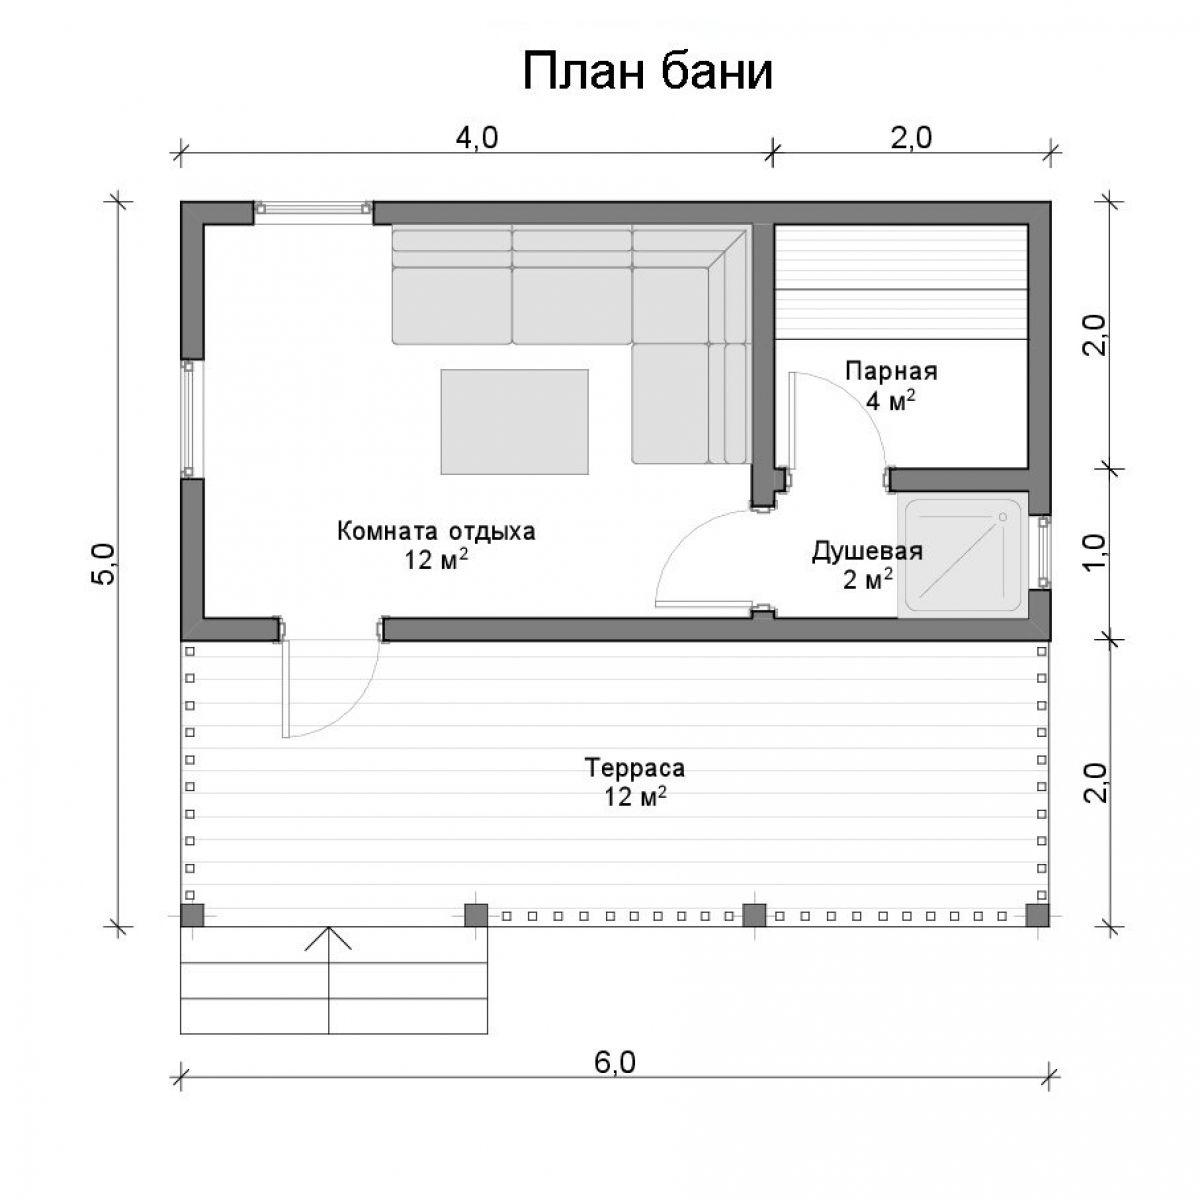 Проекты бань из кирпича - варианты планировки, способы обустройства!